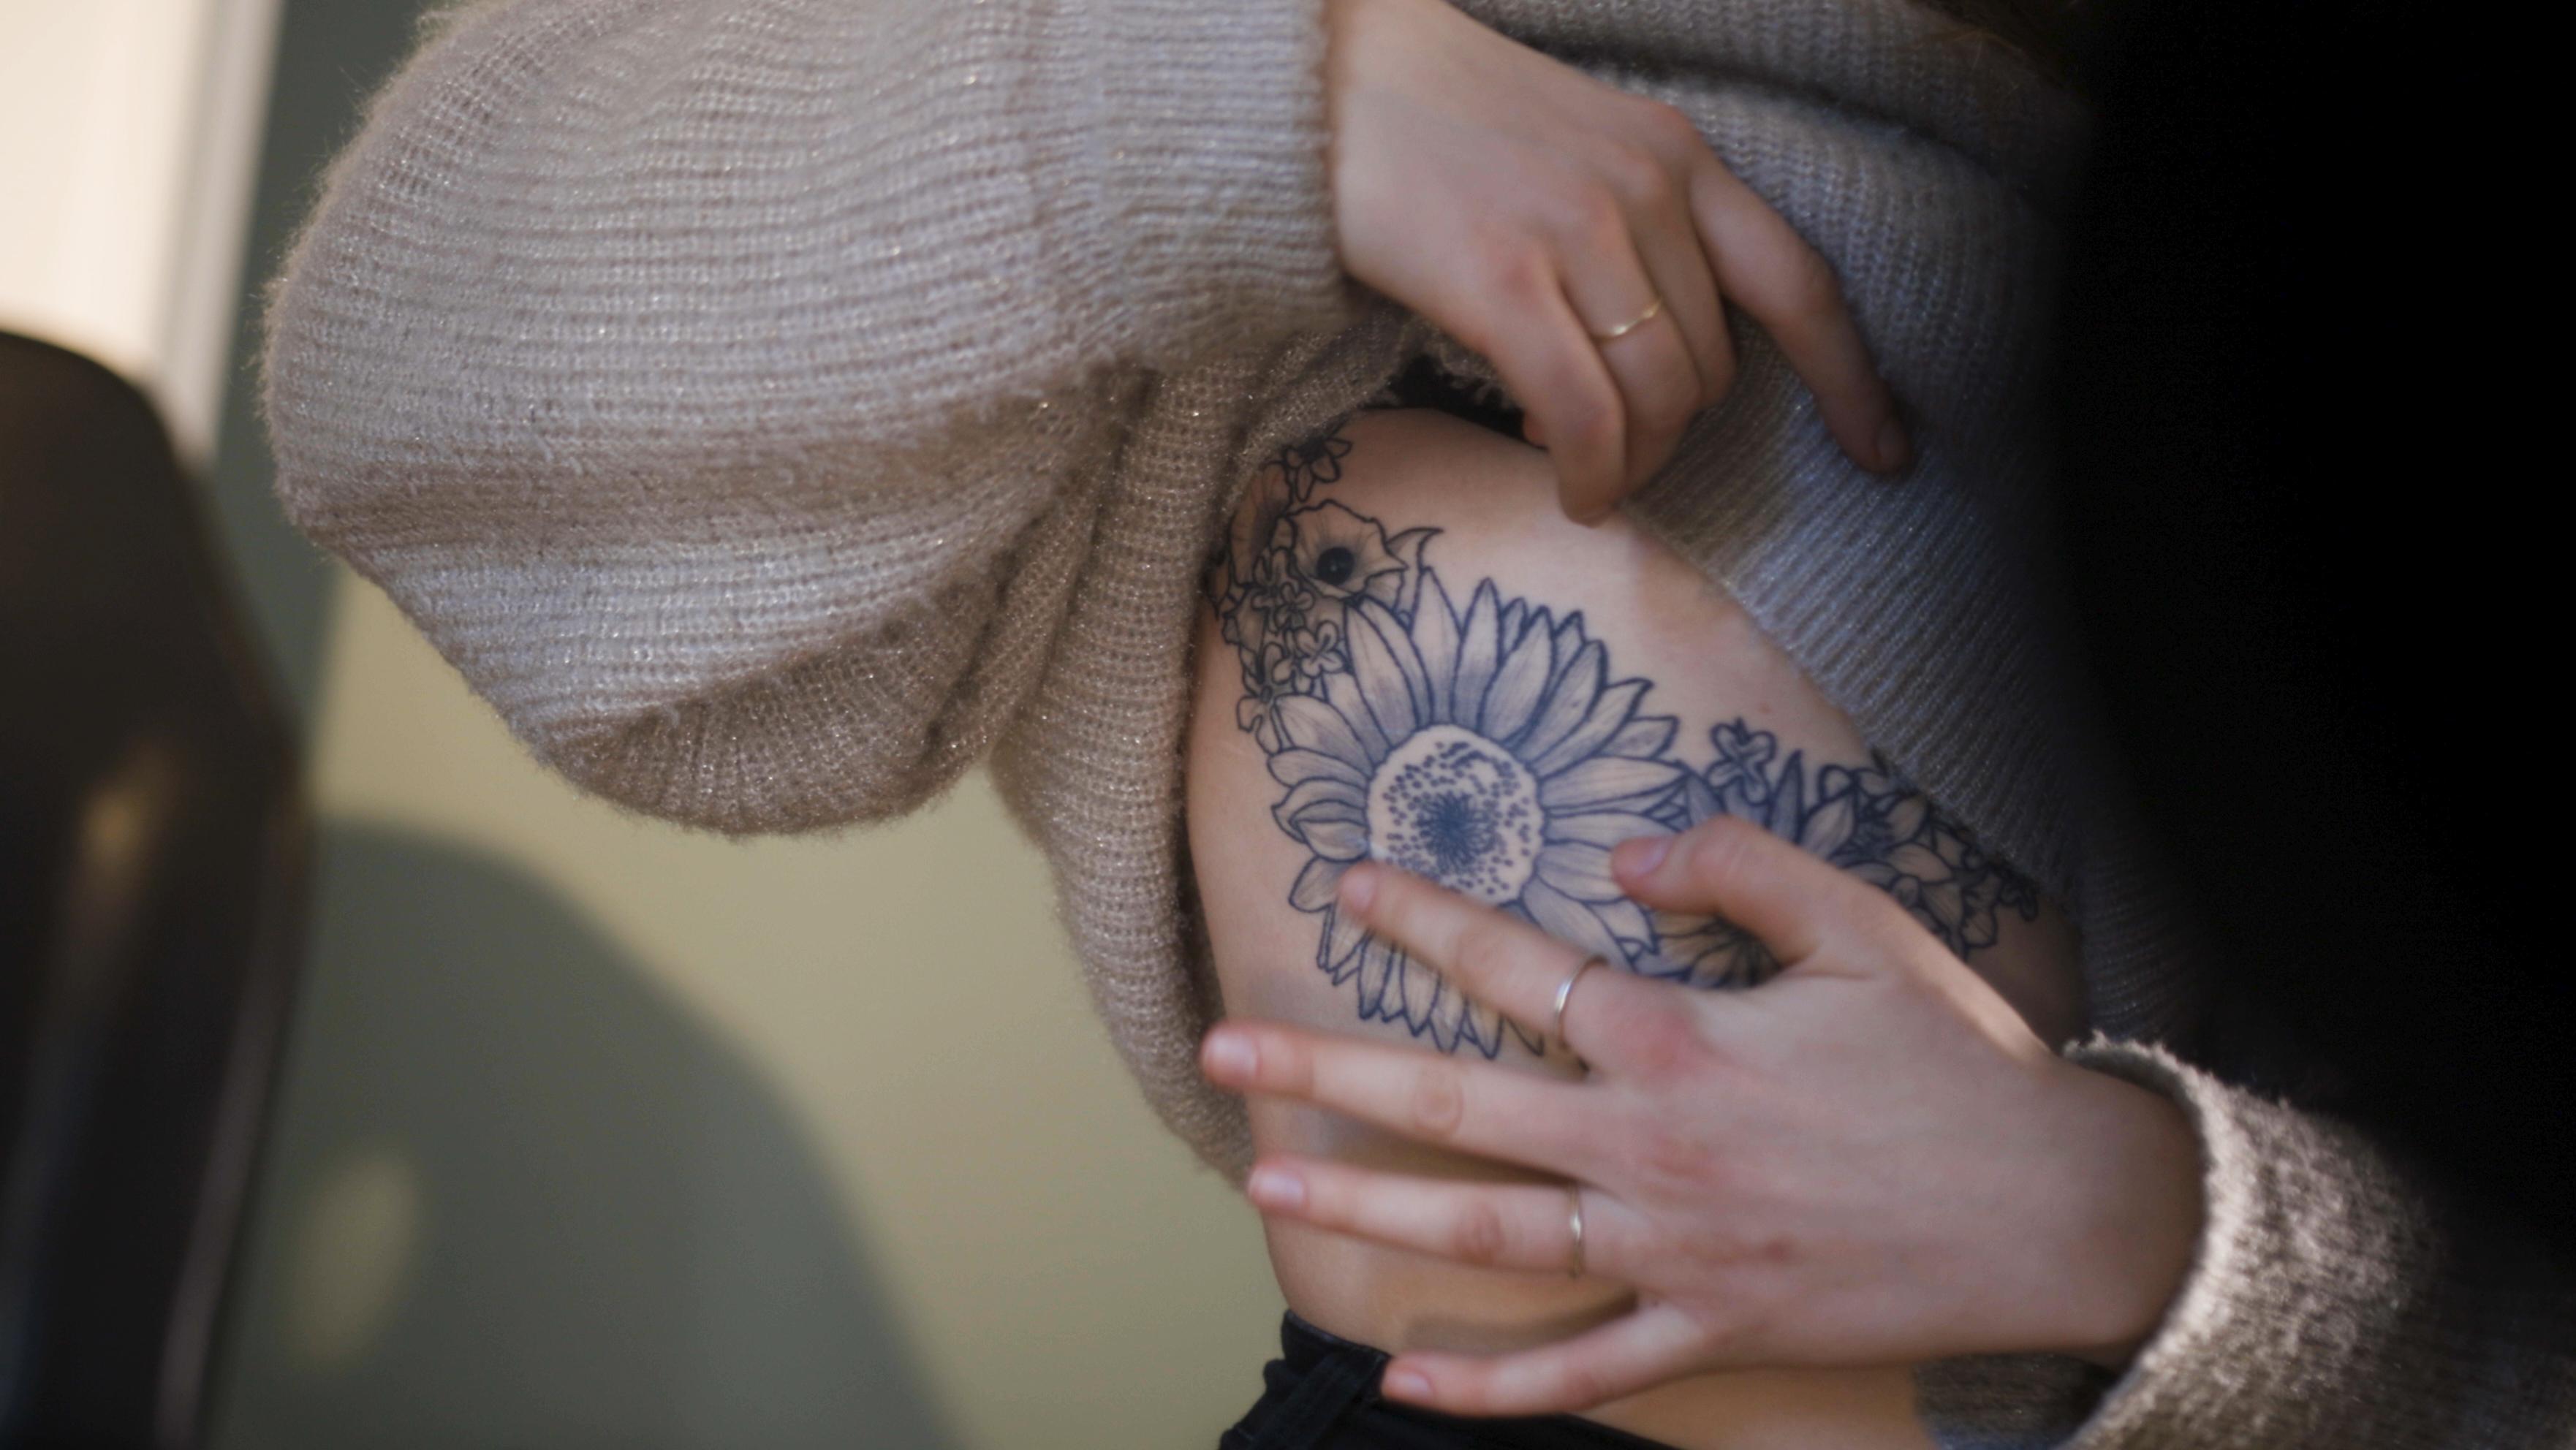 Fortæl om din tatovering